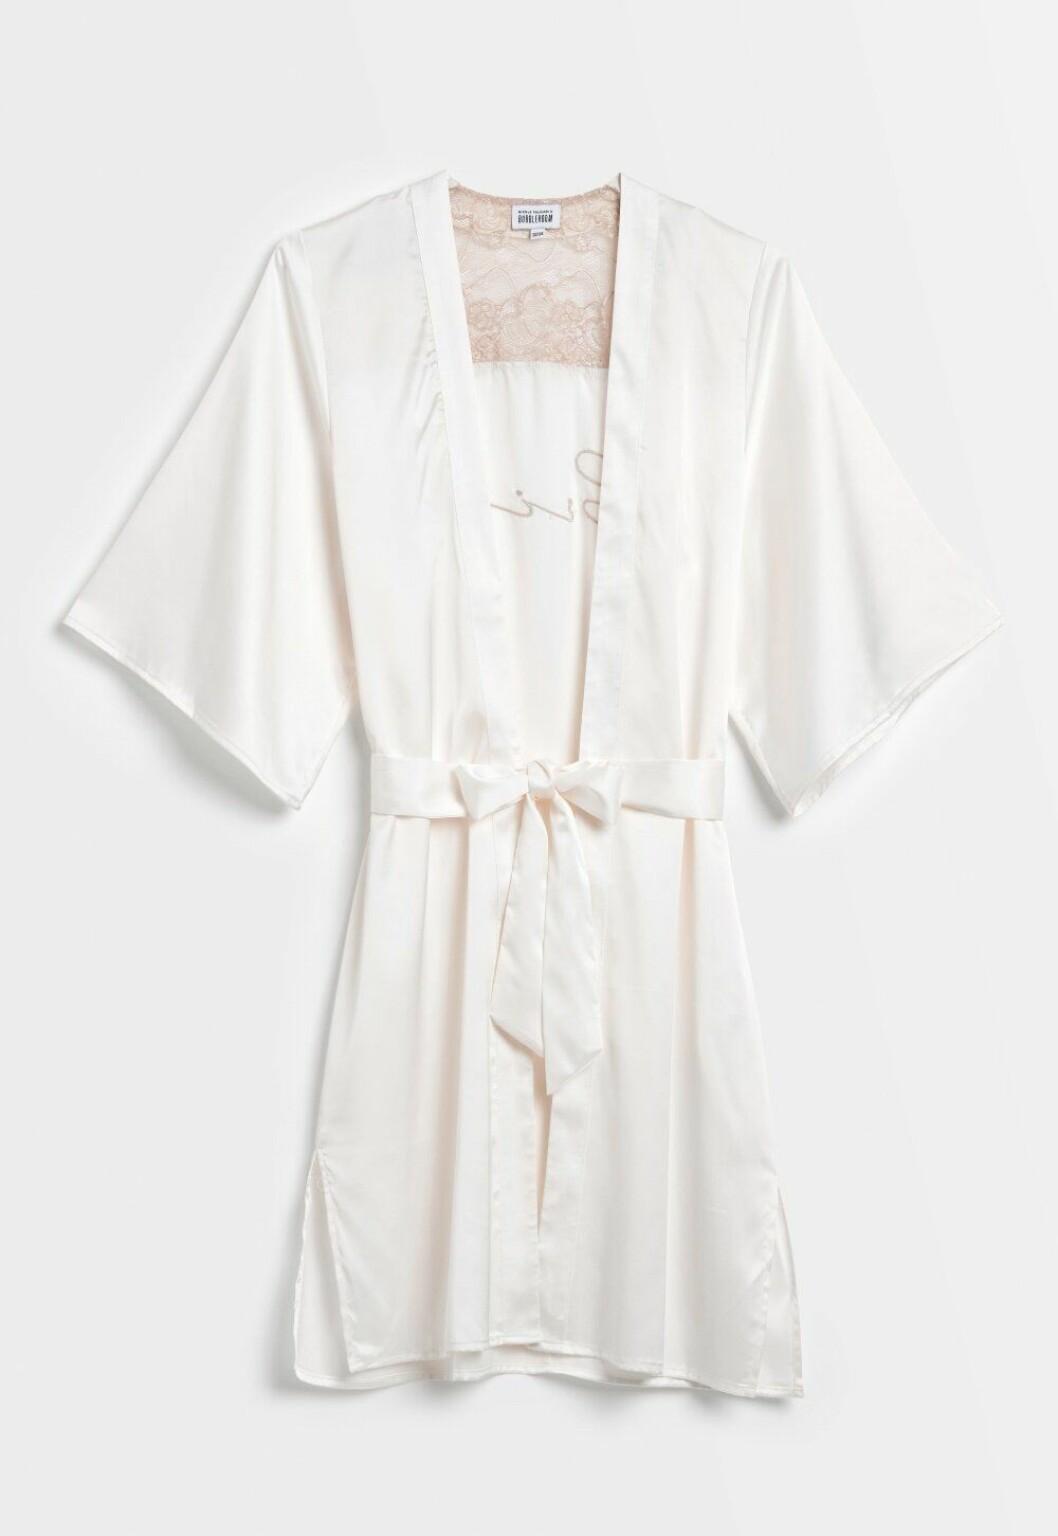 Nicole falciani för Bubbleroom – vit bride robe